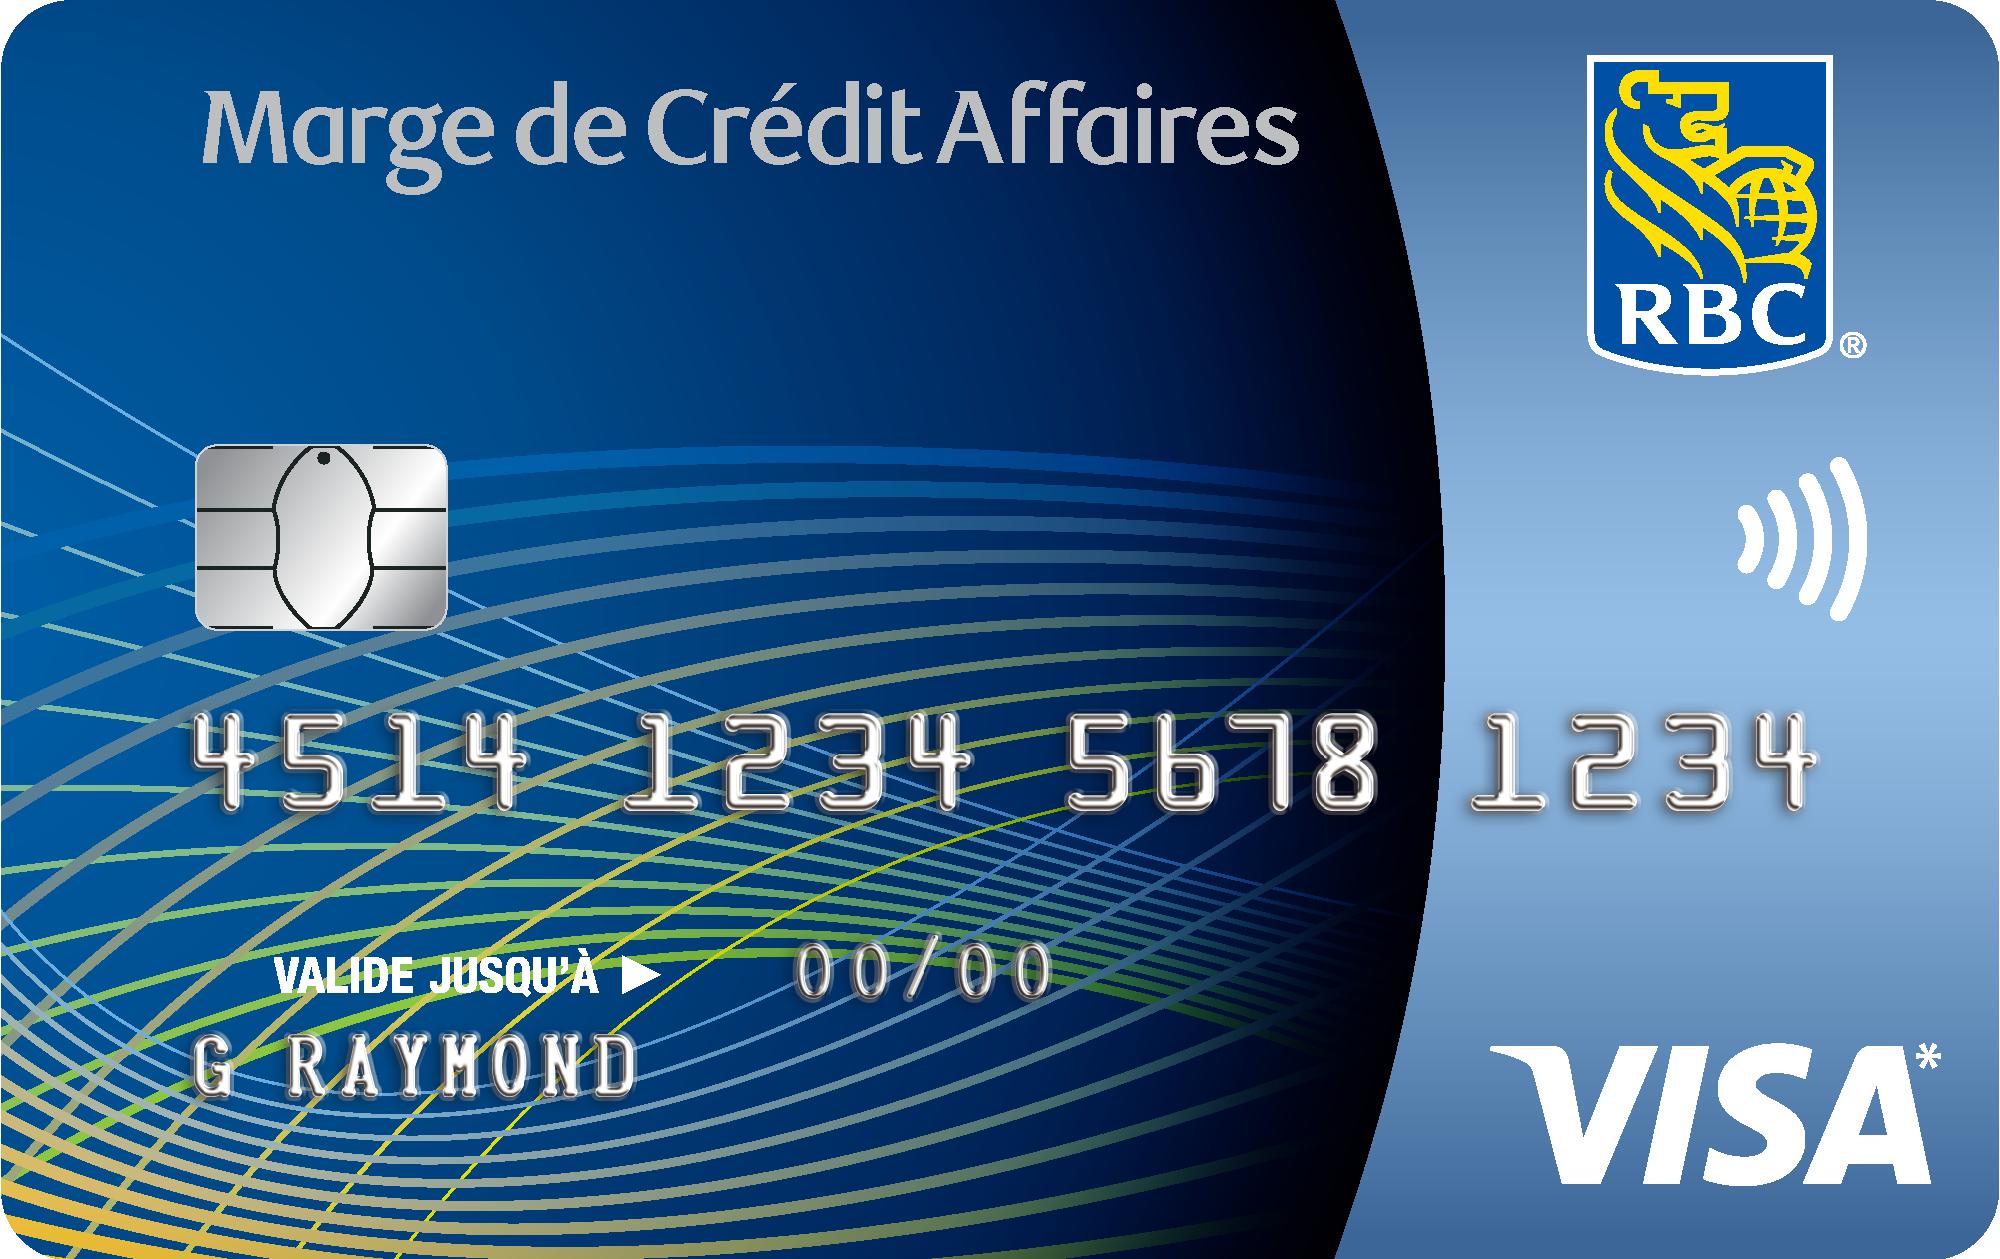 Marge De Credit Visa Pour La Petite Entreprise Rbc Banque Royale